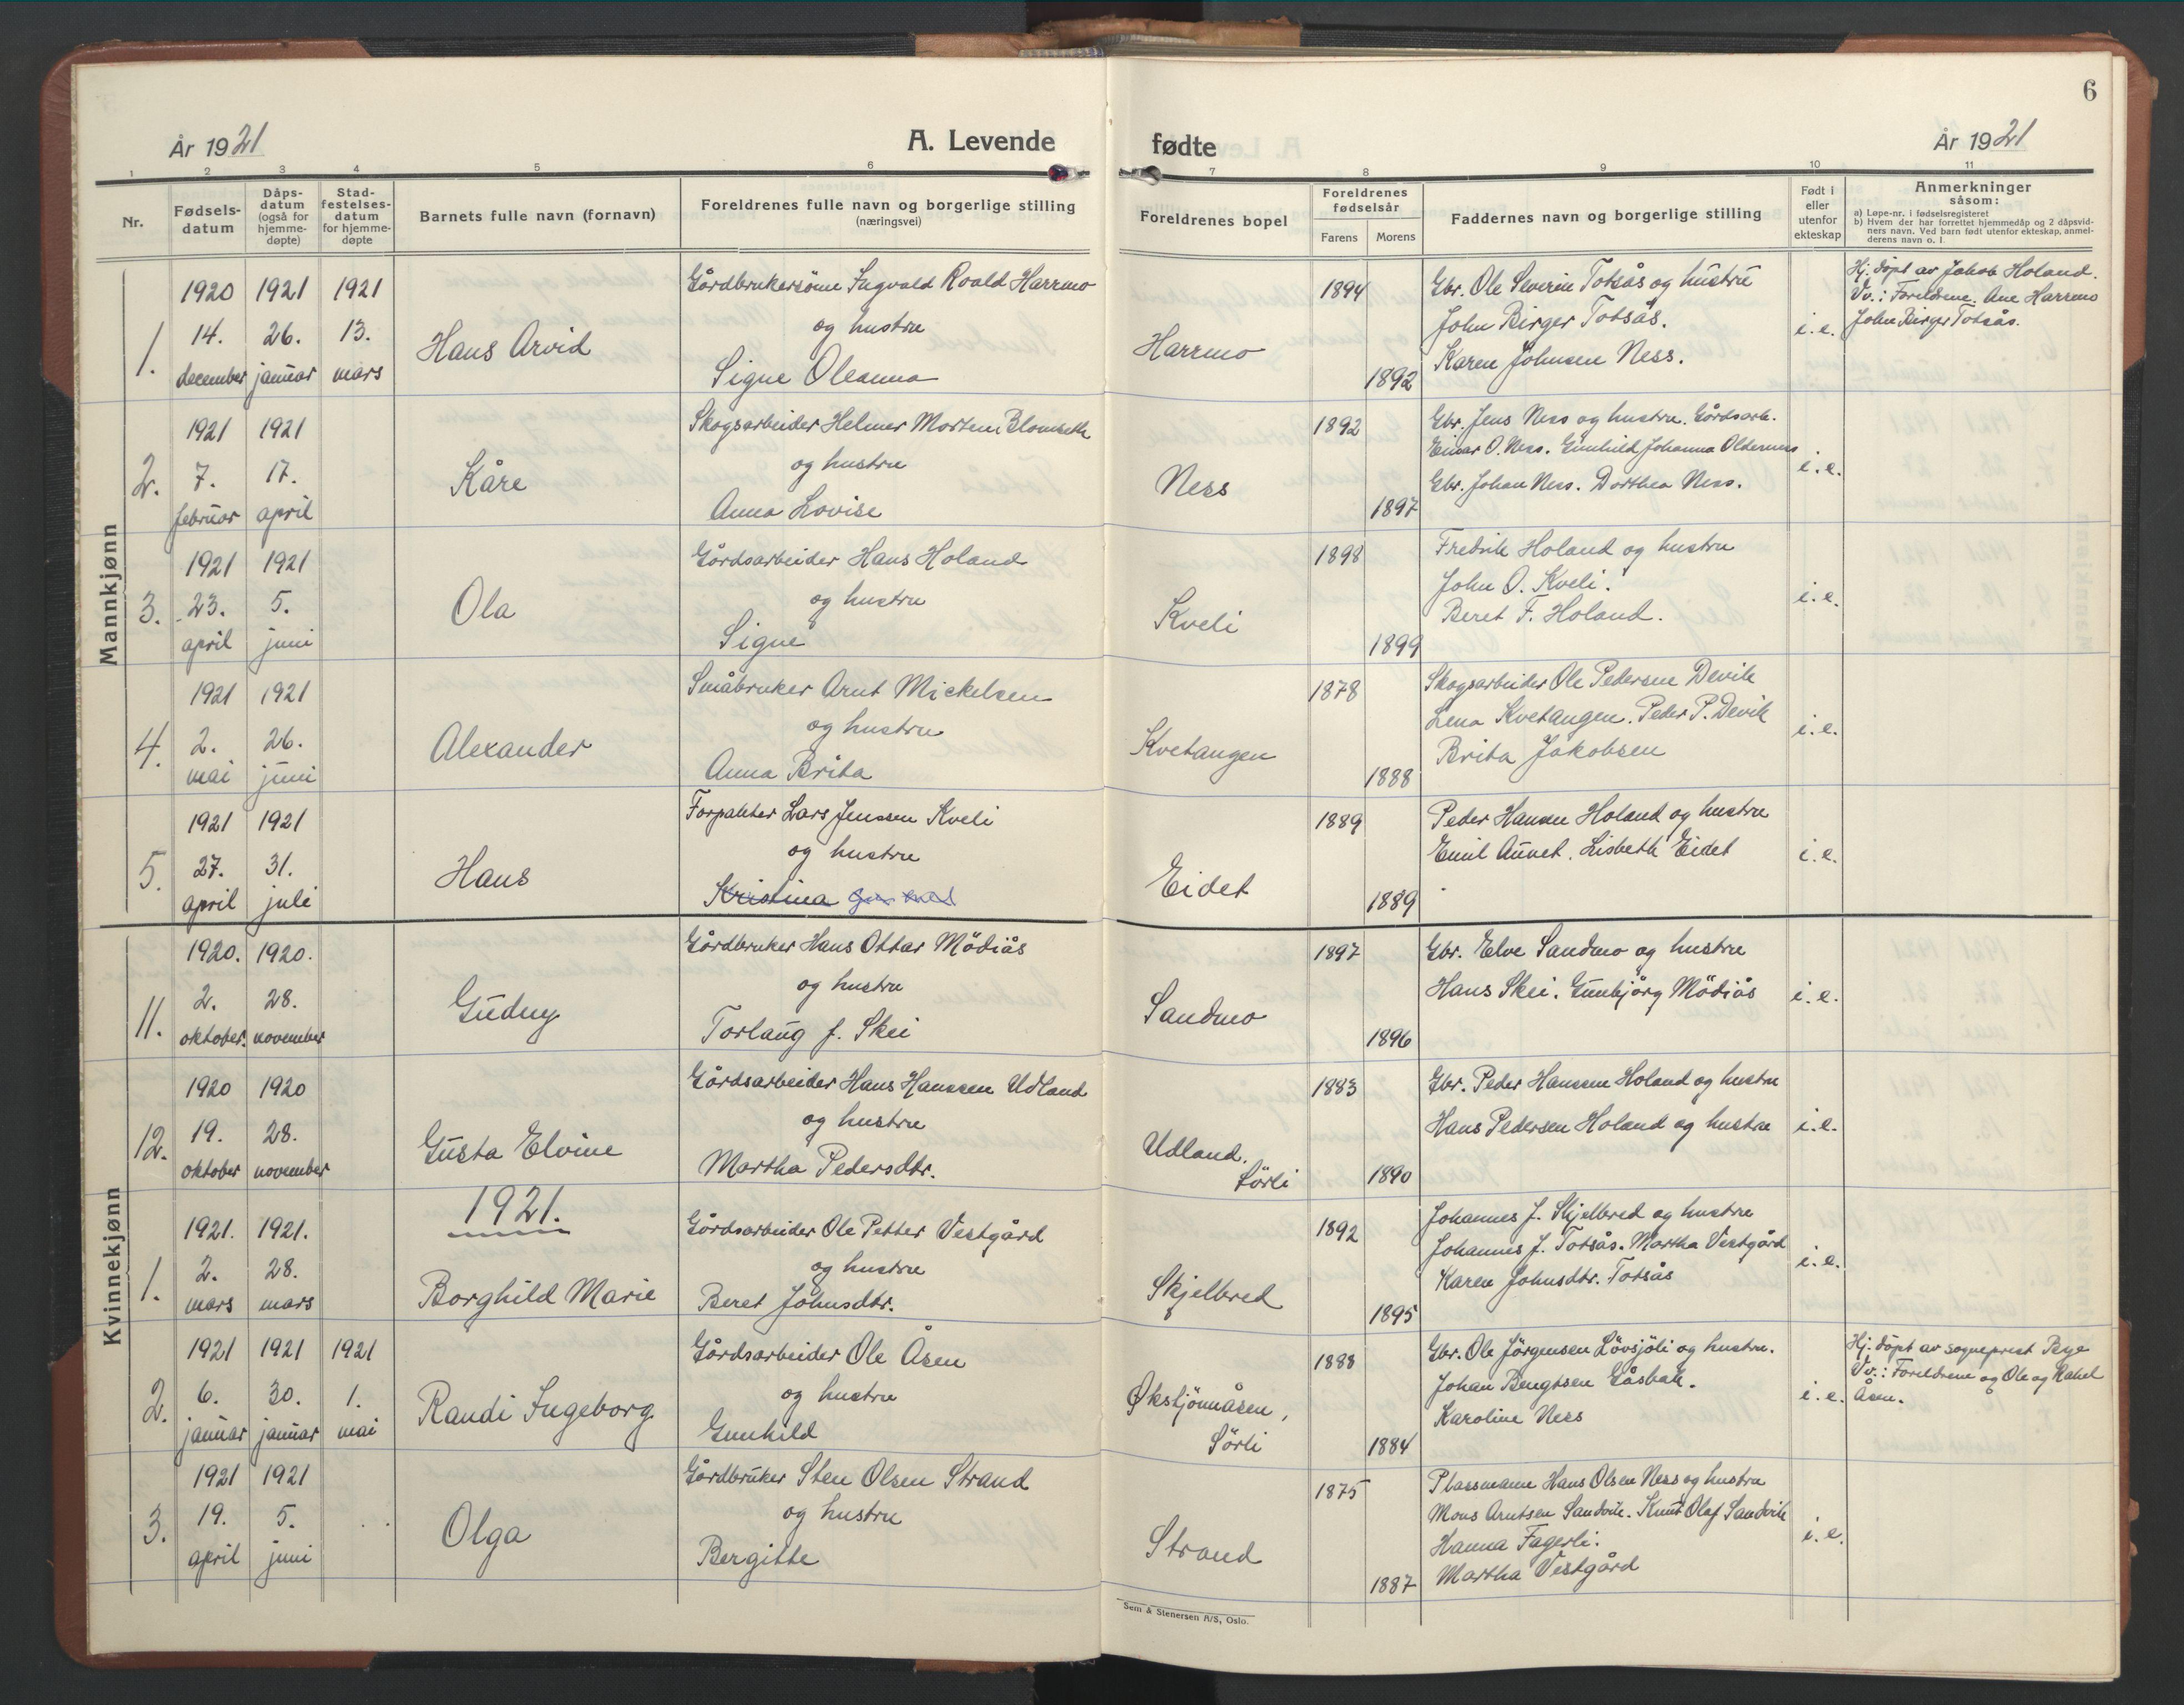 SAT, Ministerialprotokoller, klokkerbøker og fødselsregistre - Nord-Trøndelag, 755/L0500: Klokkerbok nr. 755C01, 1920-1962, s. 6